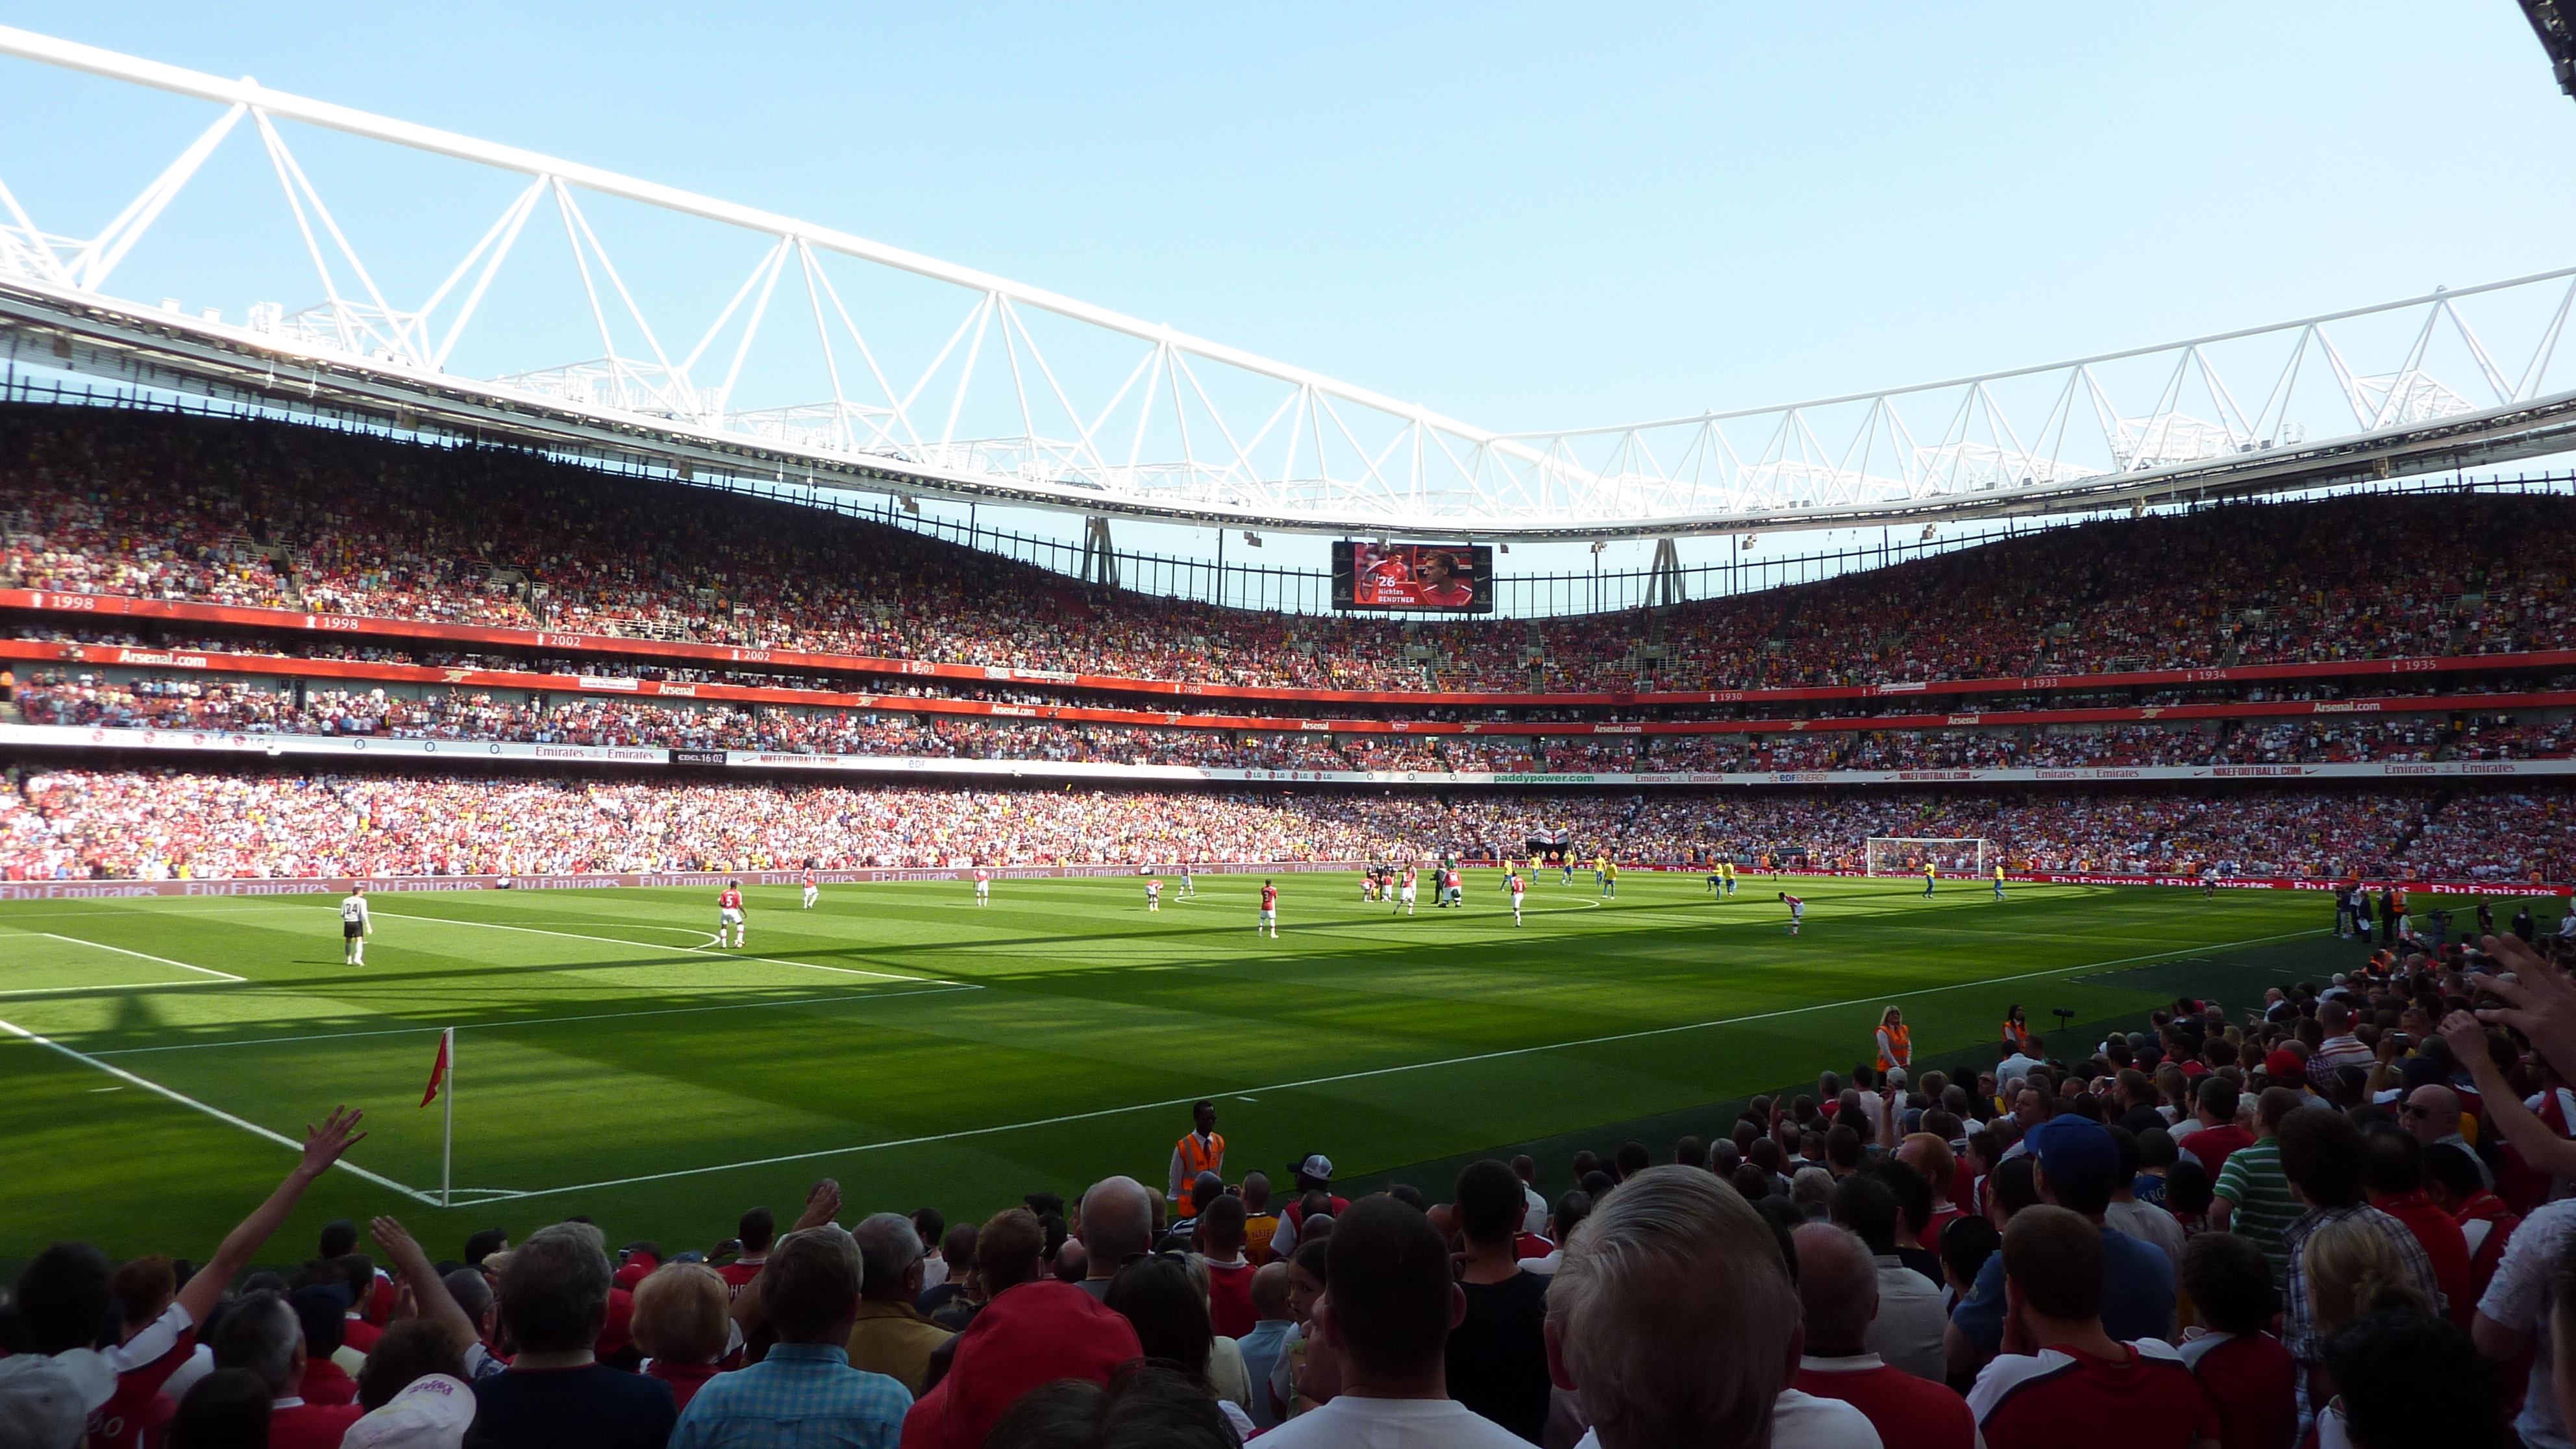 Fonds dcran Emirates Stadium tous les wallpapers Emirates Stadium 3968x2232